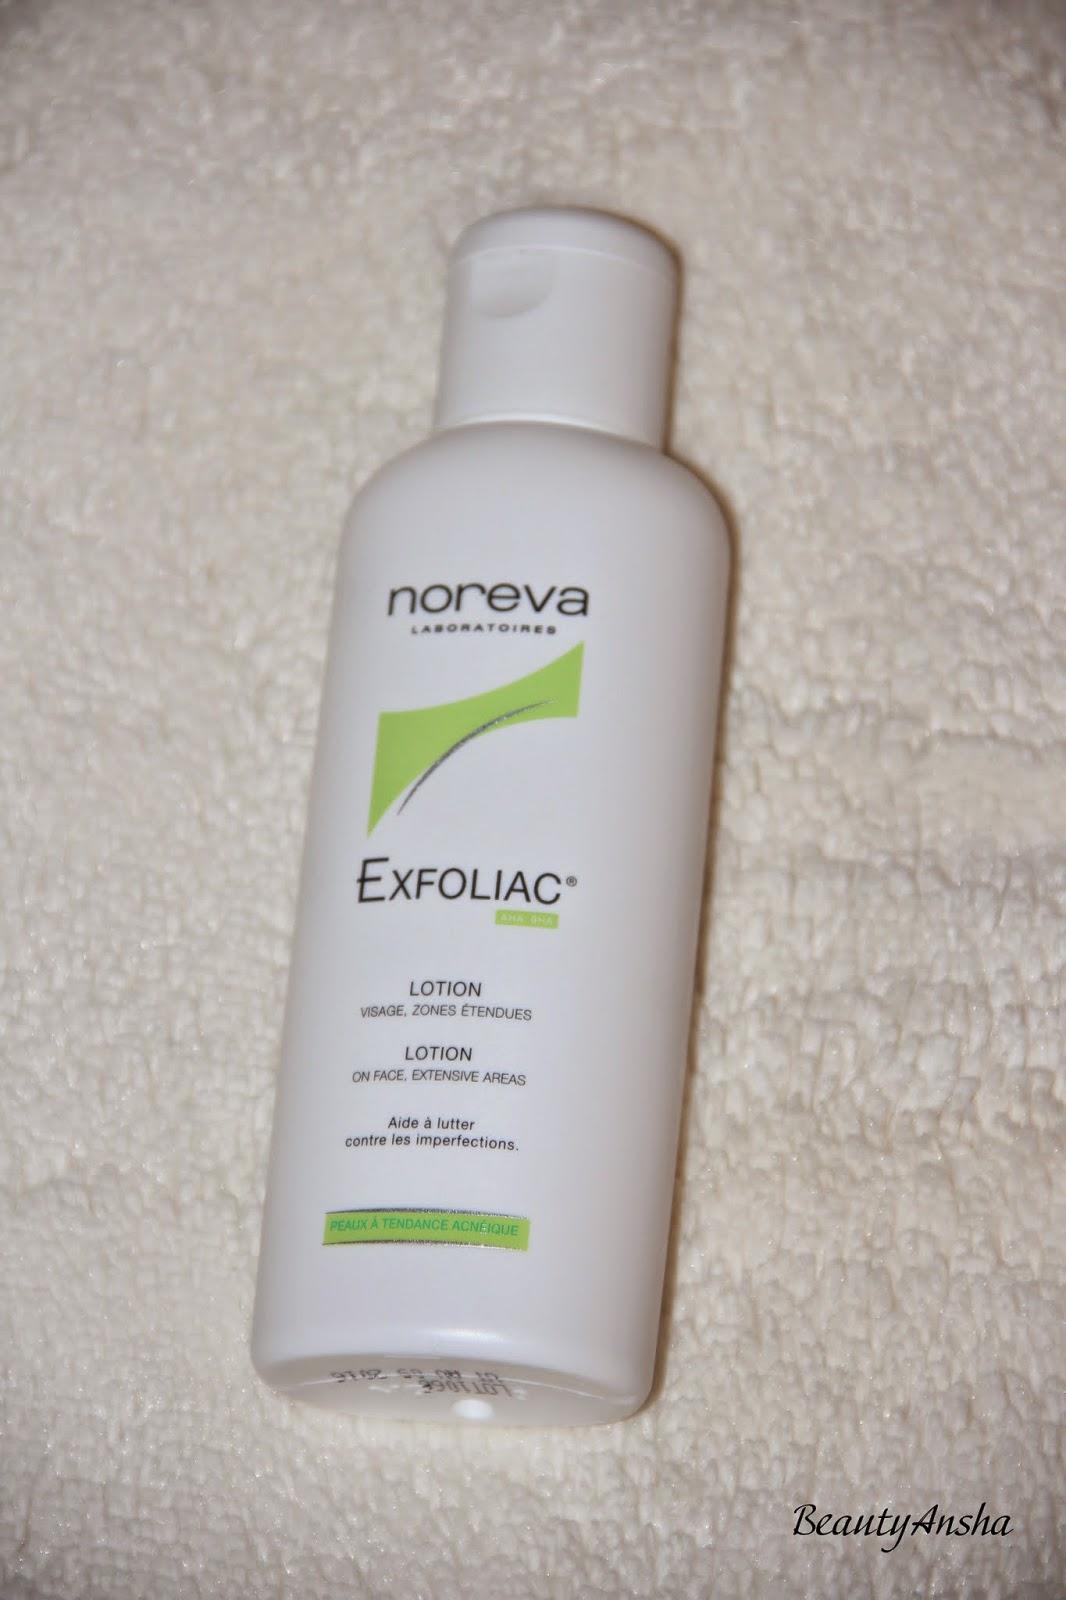 Noreva Exfoliac Скраб для лица и Лосьон спустя 5 лет в моем уходе